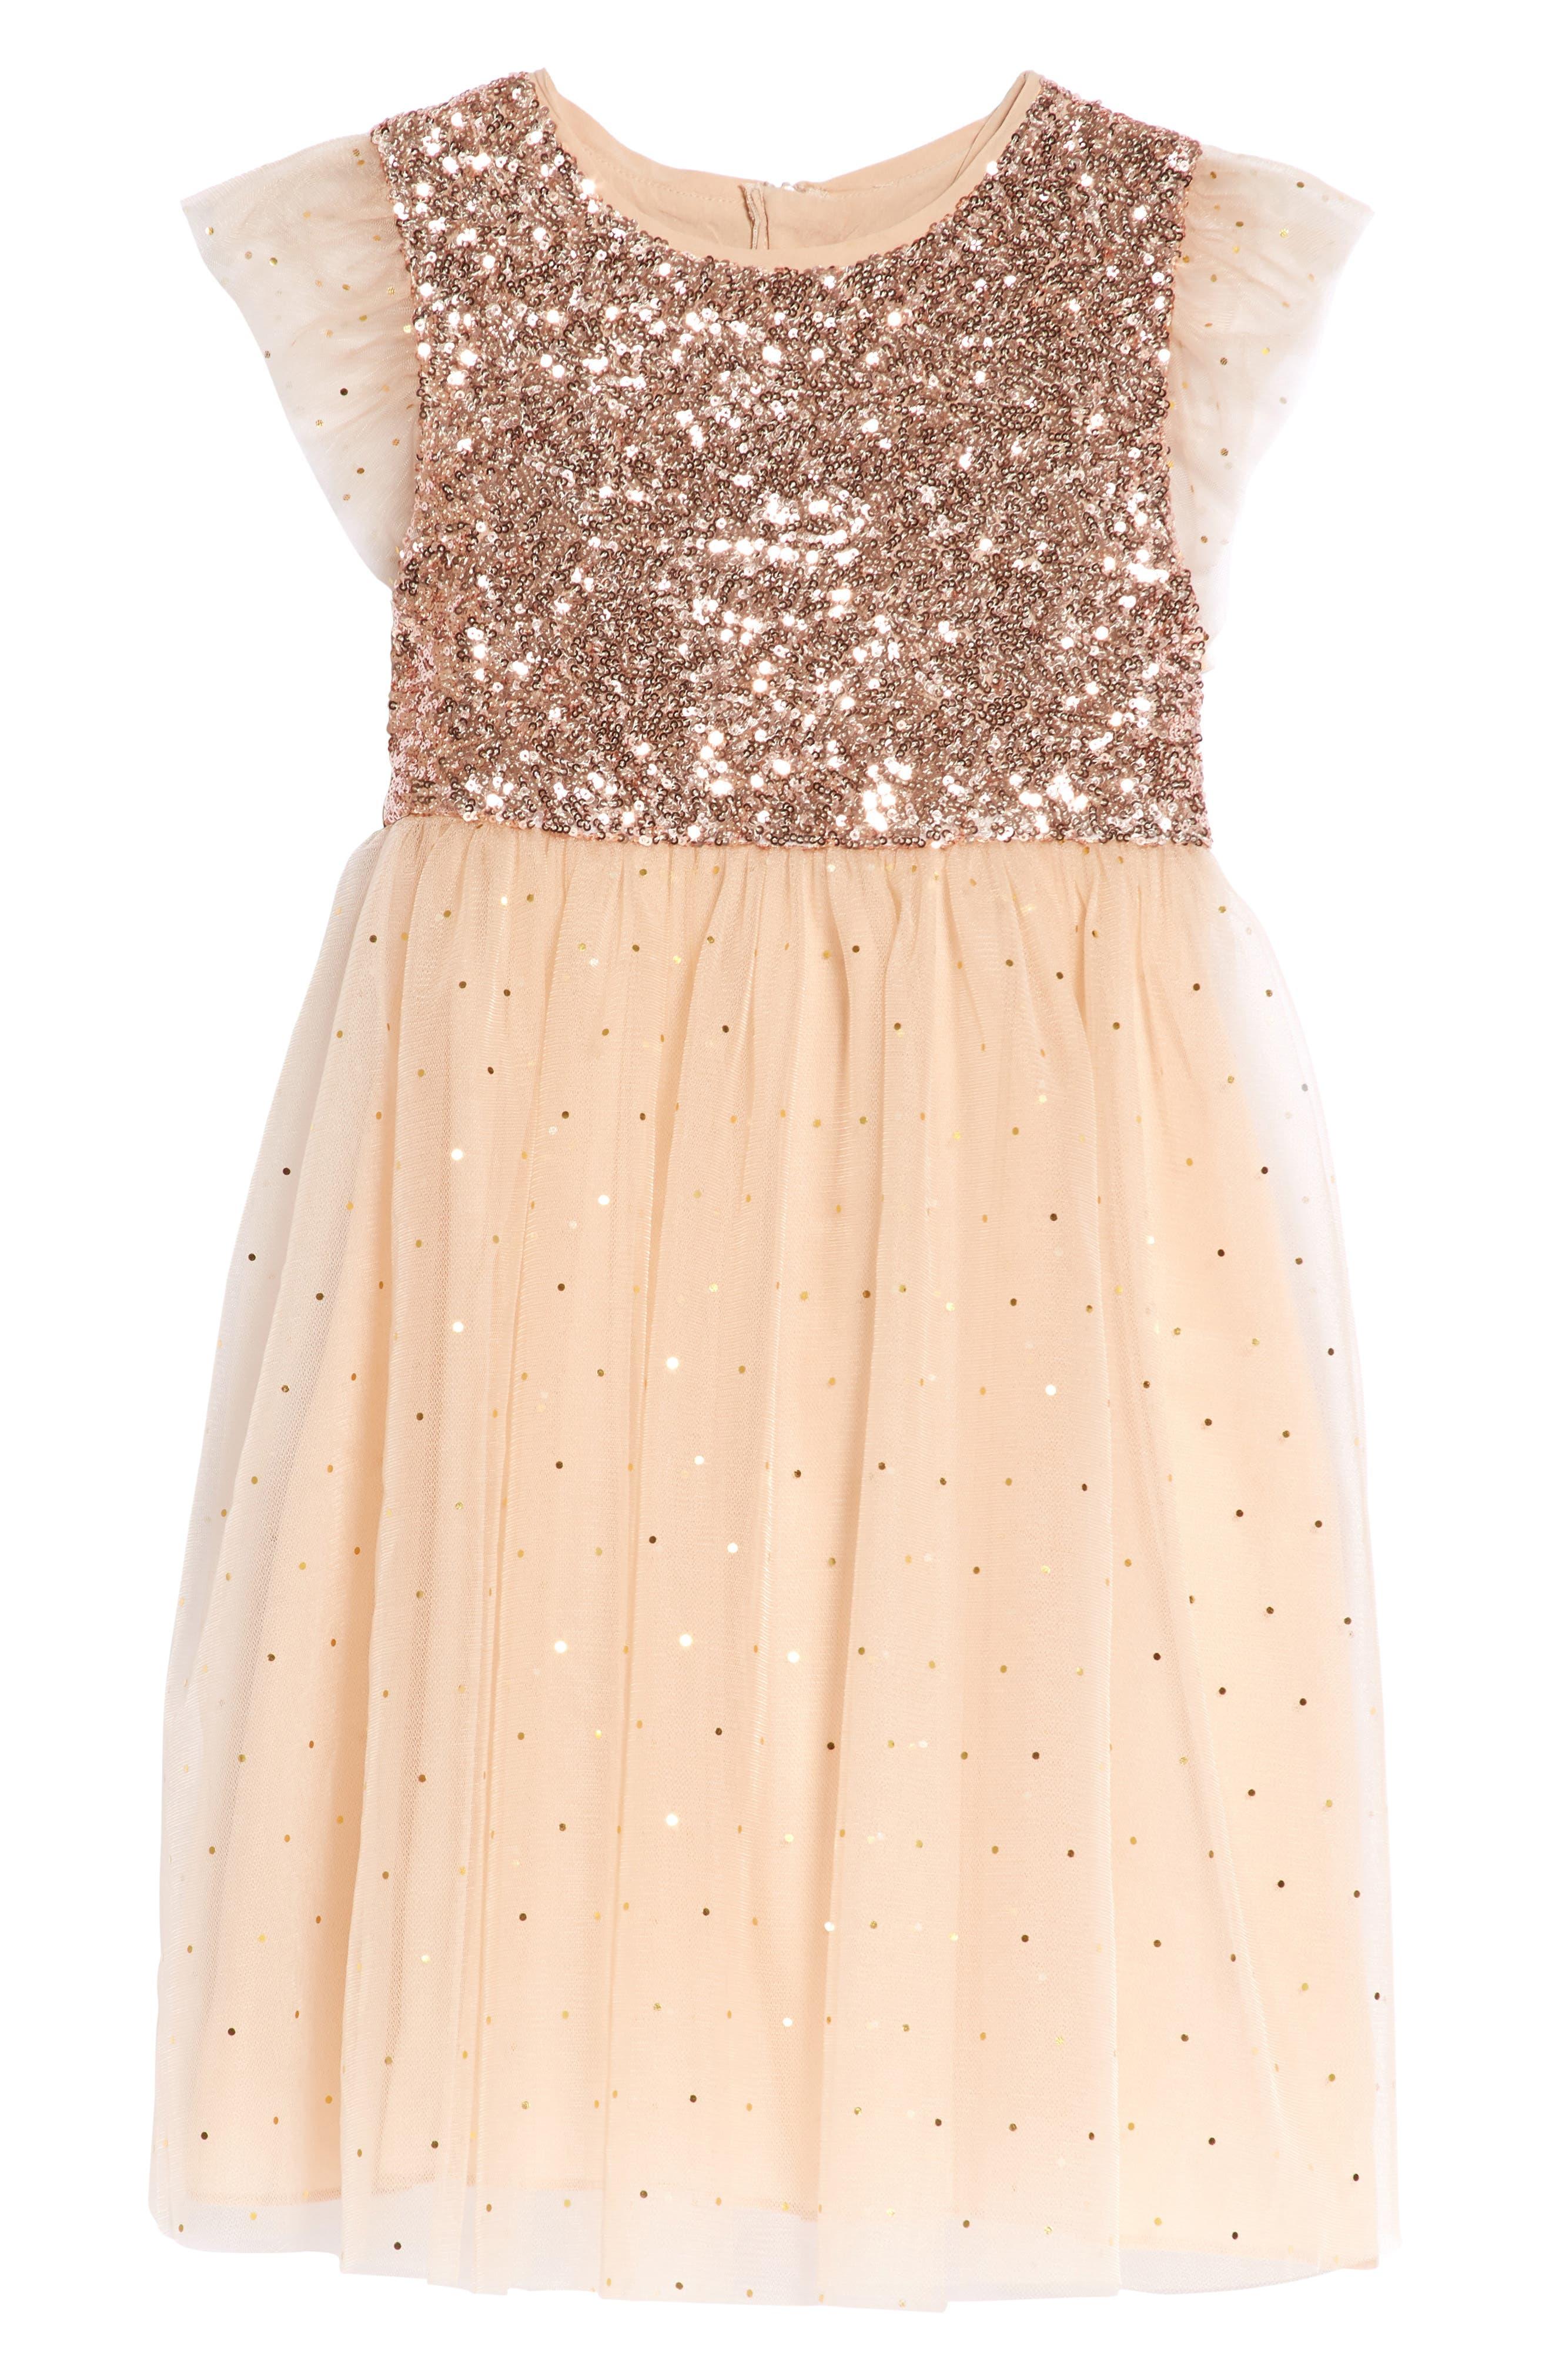 Main Image - Wild & Gorgeous Glitter Moon Dress (Toddler Girls, Little Girls & Big Girls)